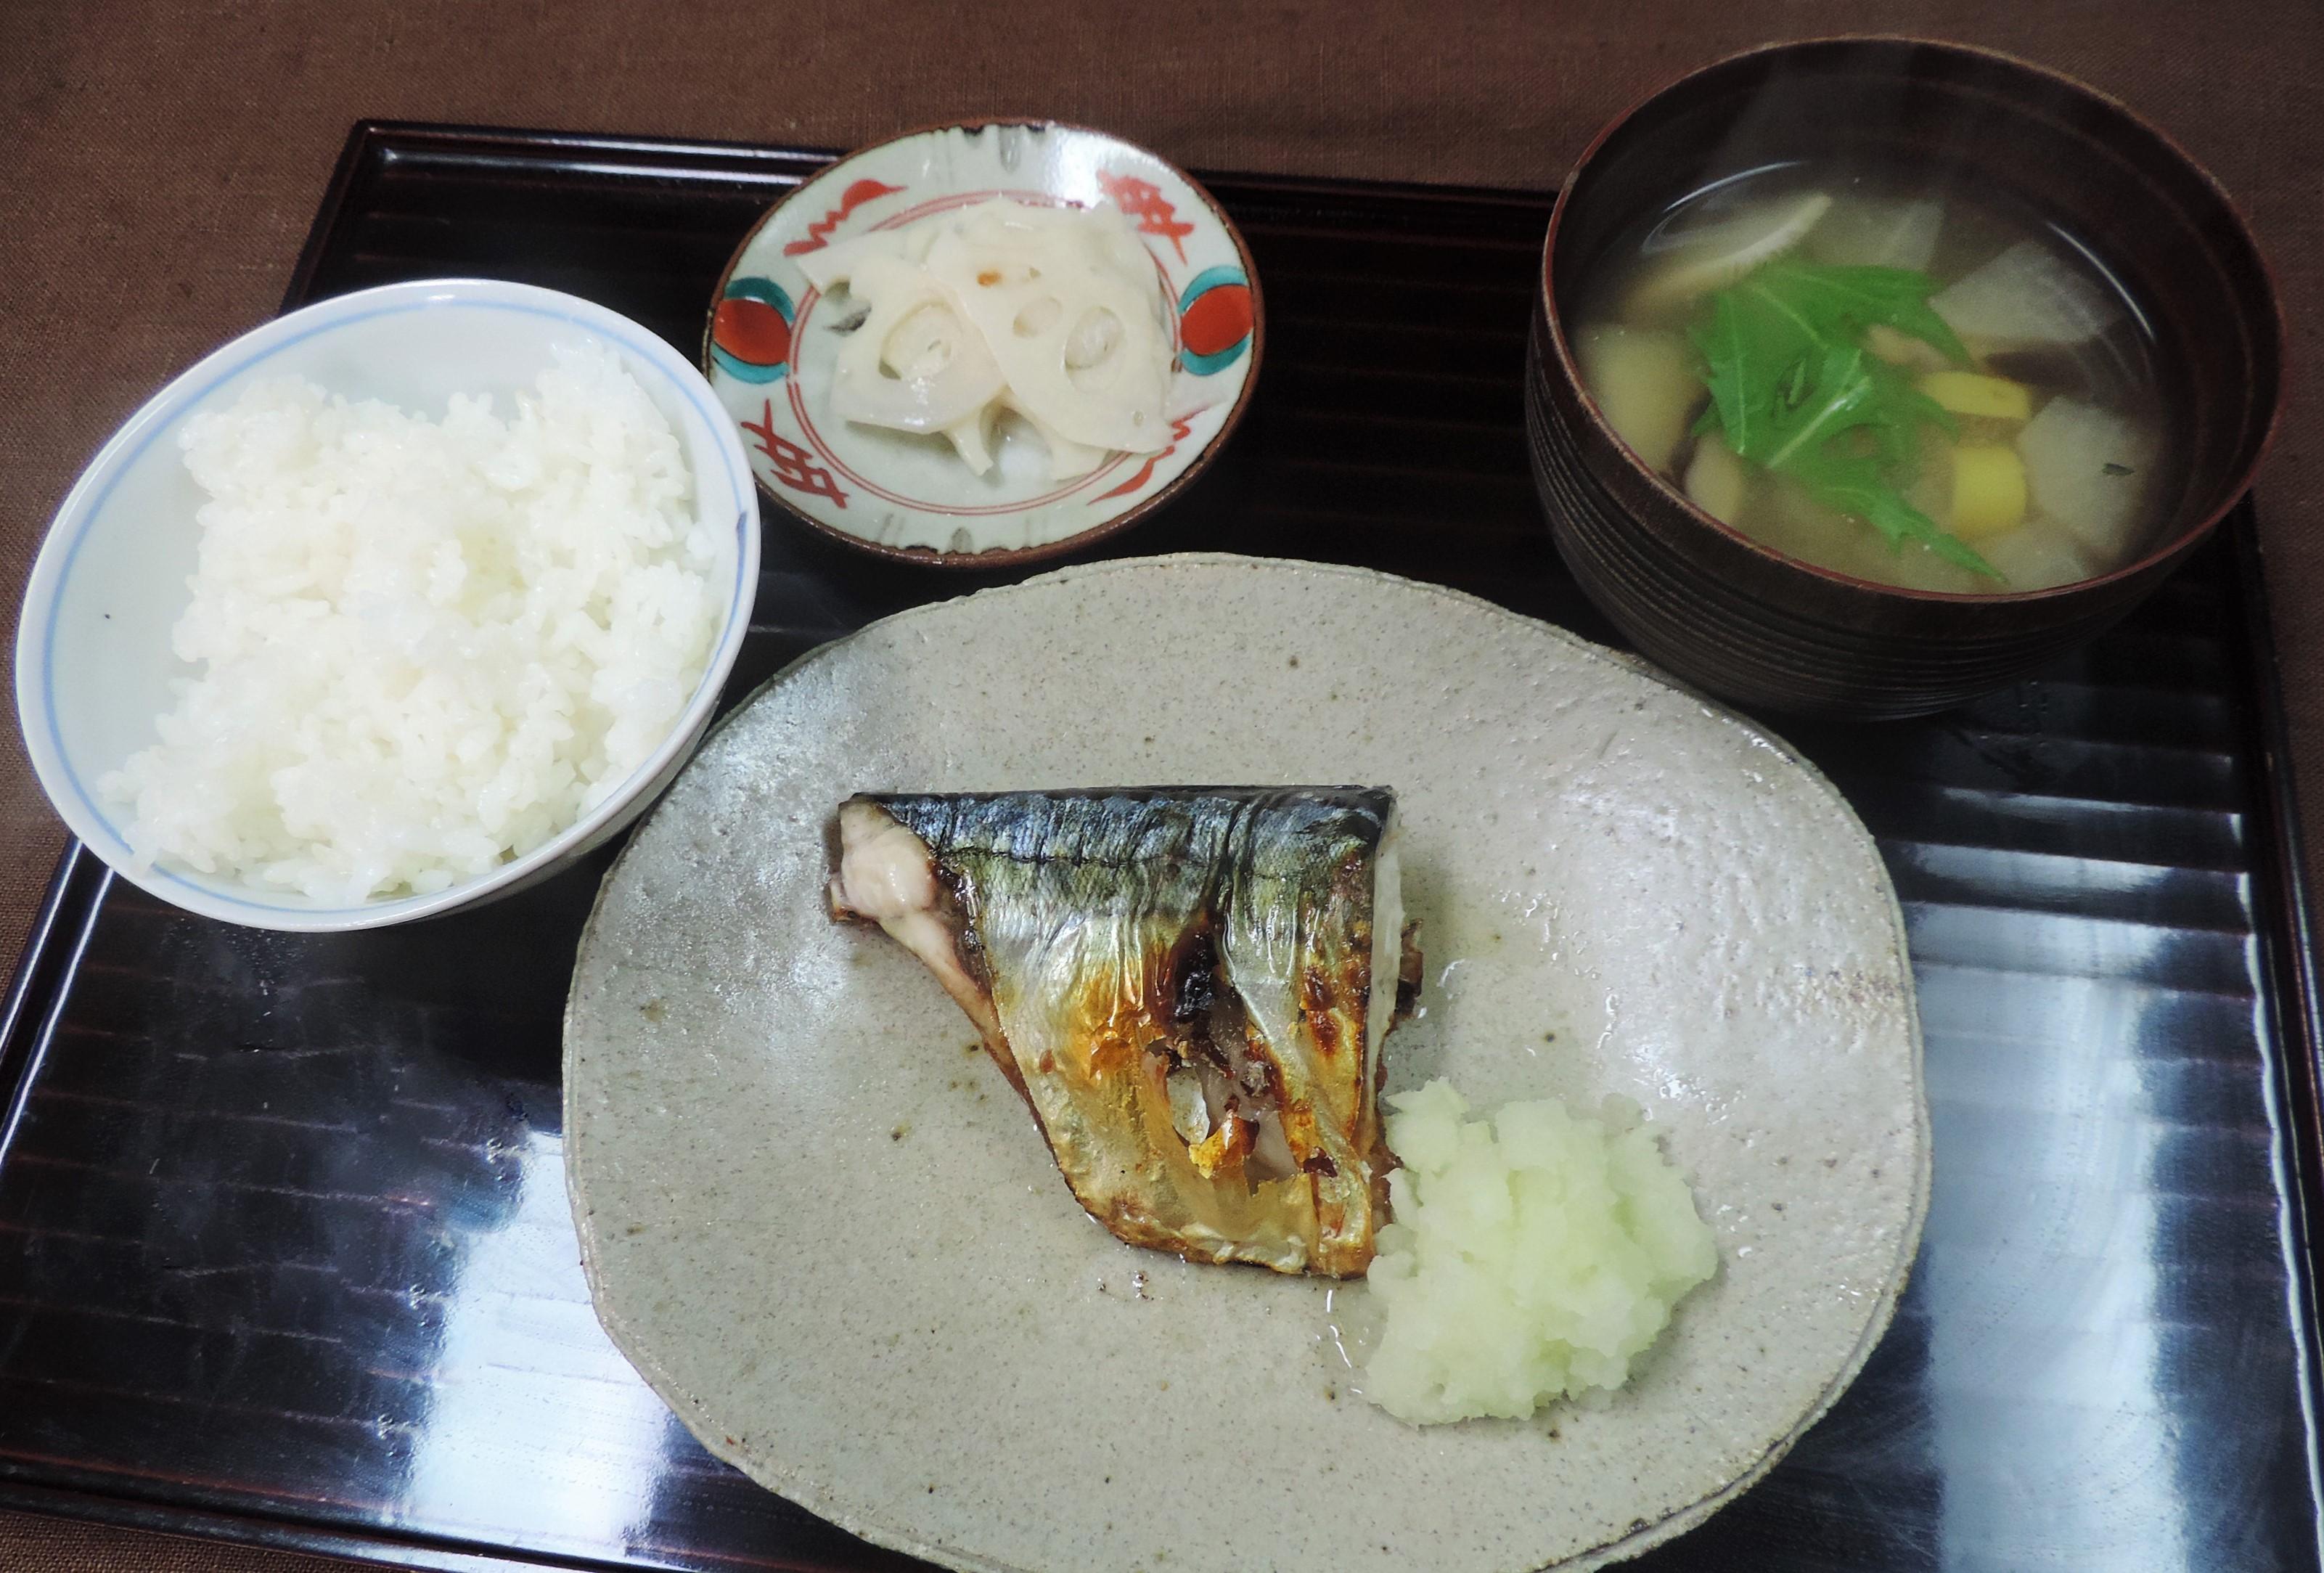 鯖の塩焼きの和風朝食